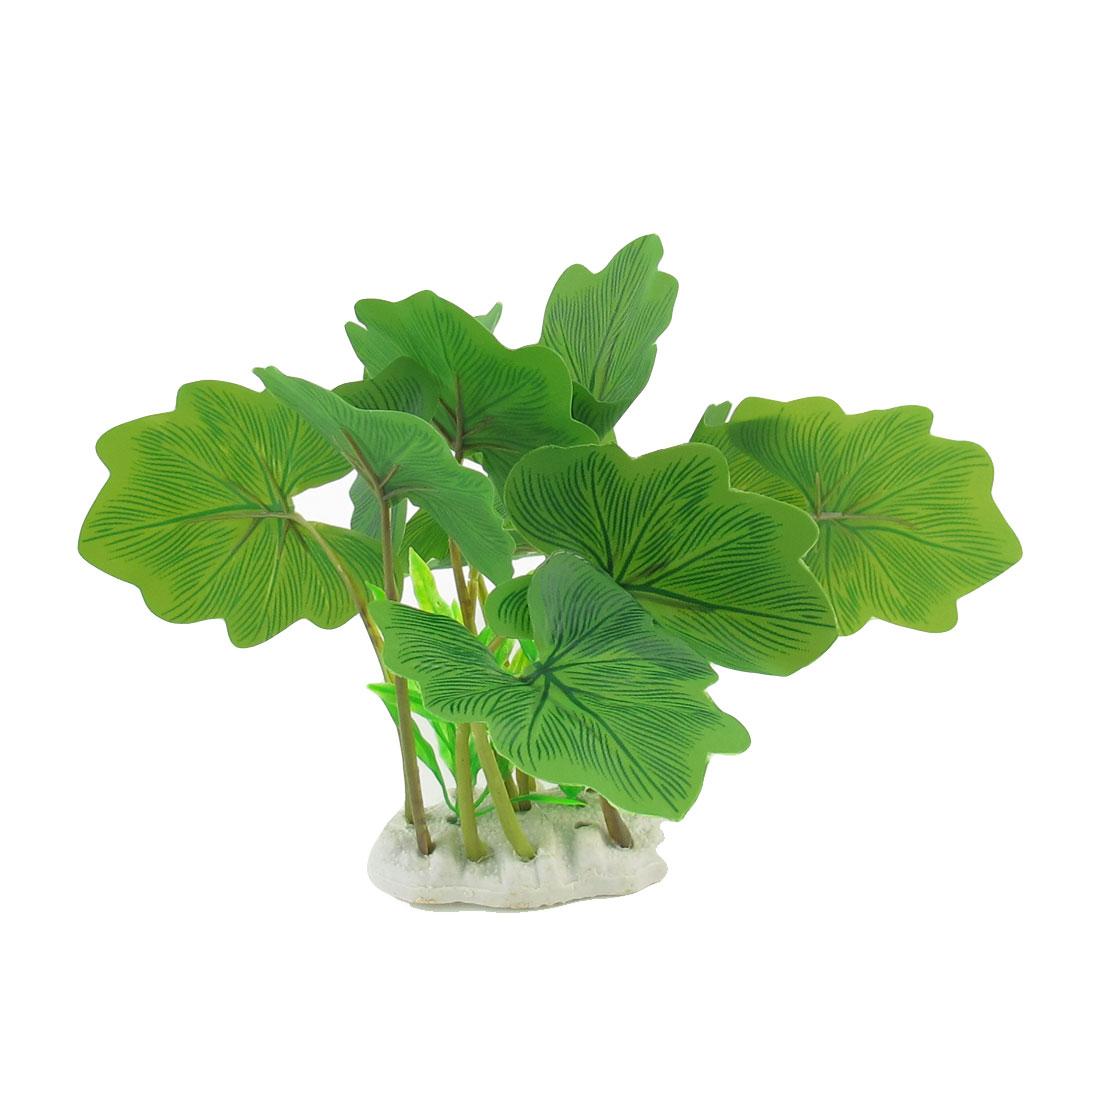 """6.8"""" High Green Simulation Aquarium Underwater Plant Tree Ornament"""